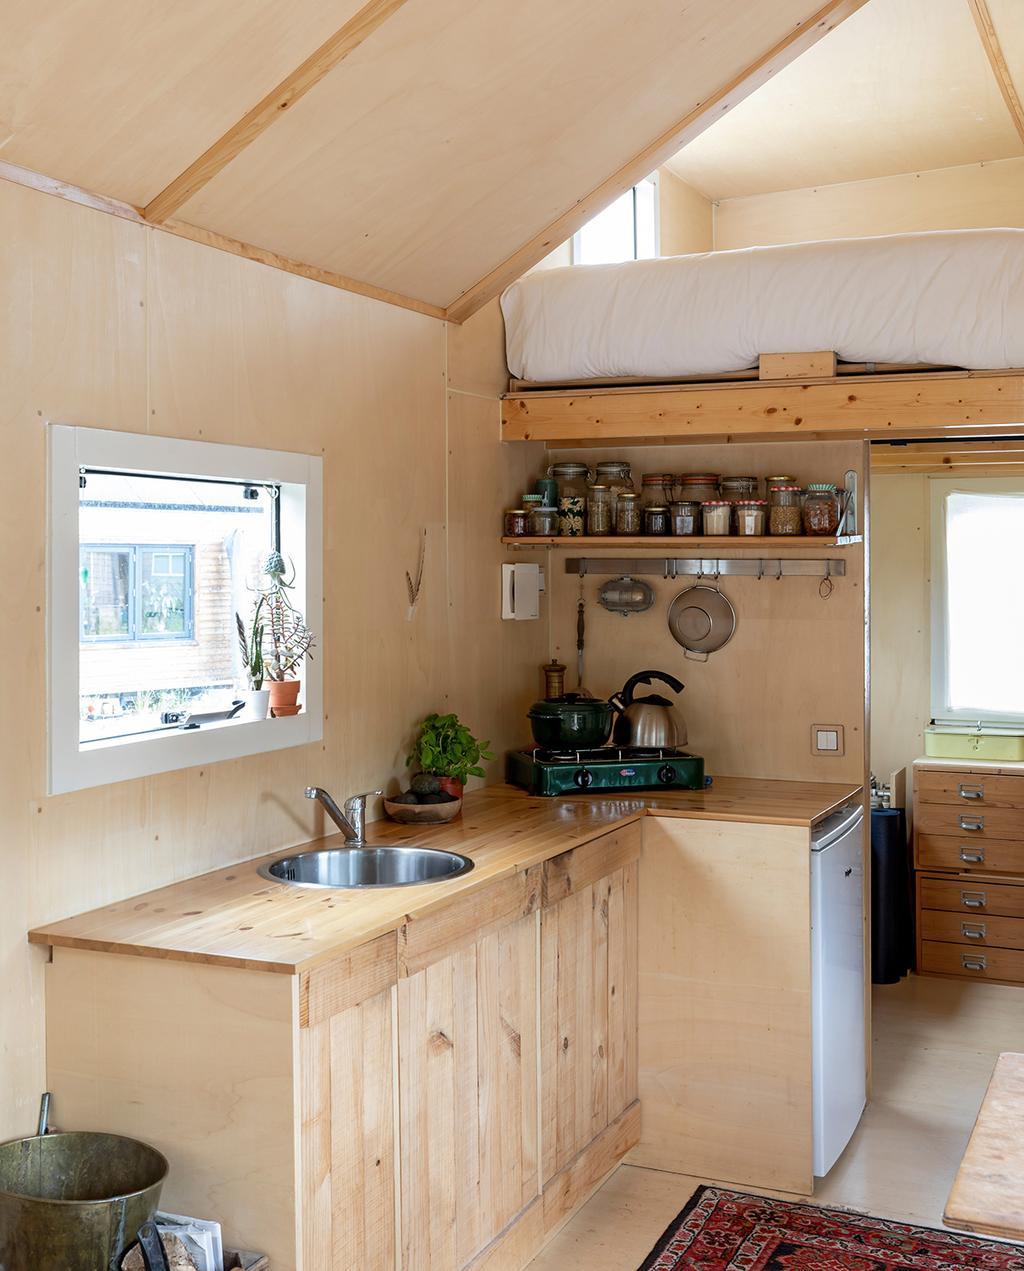 vtwonen special tiny houses | zelfvoorzienend keukenblok met Perzisch tapijt op vloer en hoogslaper